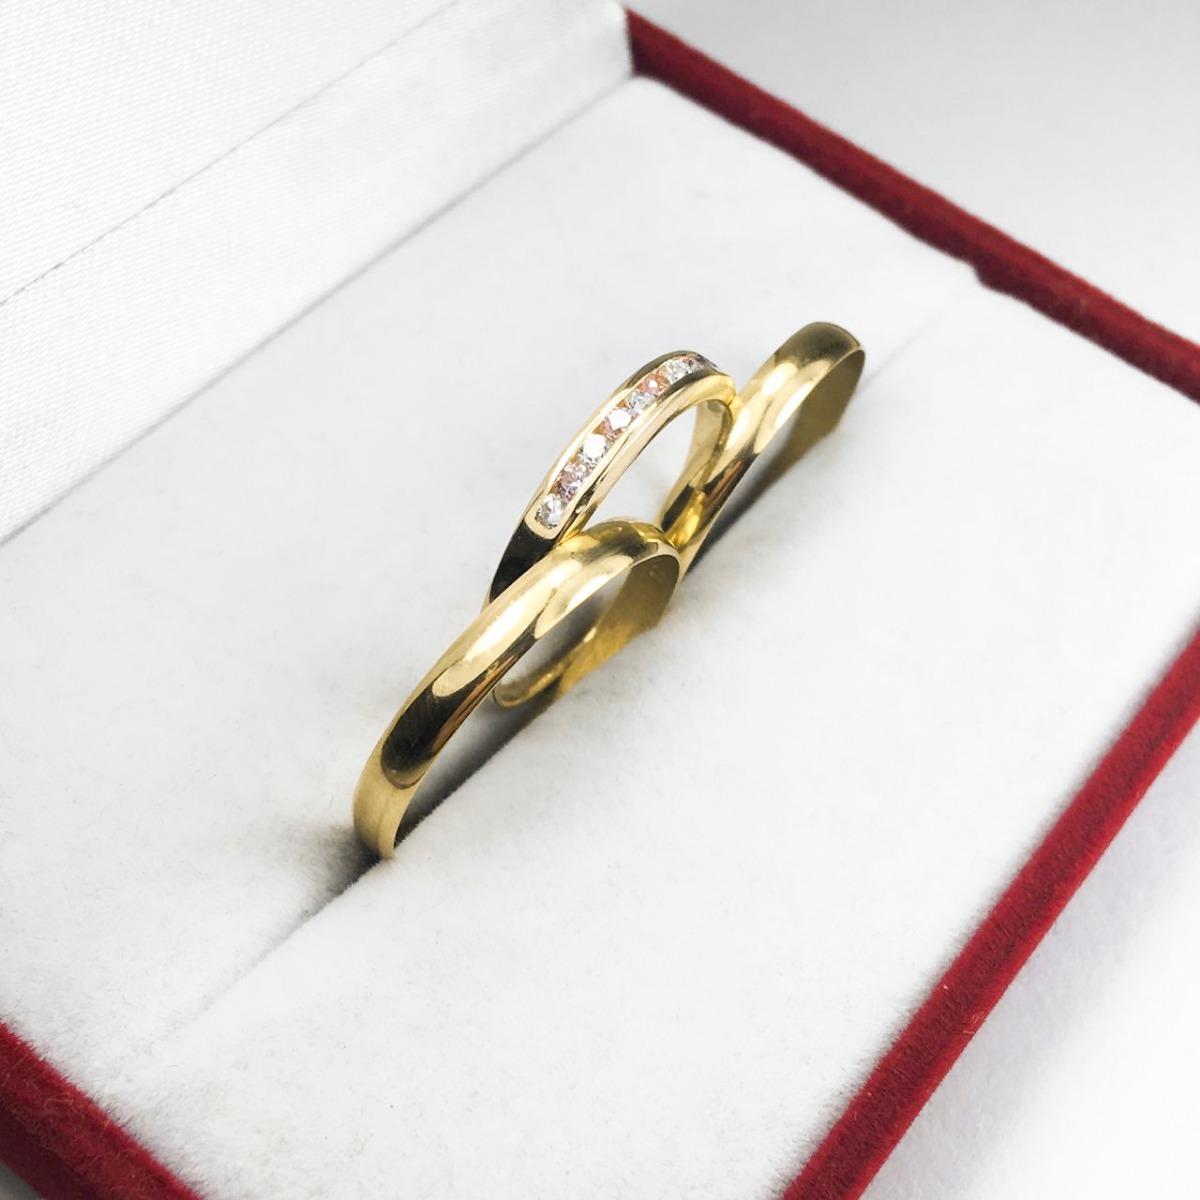 b326023cfb50 par alianzas + anillo oro 18k 3.2 gr casamiento compromiso. Cargando zoom.